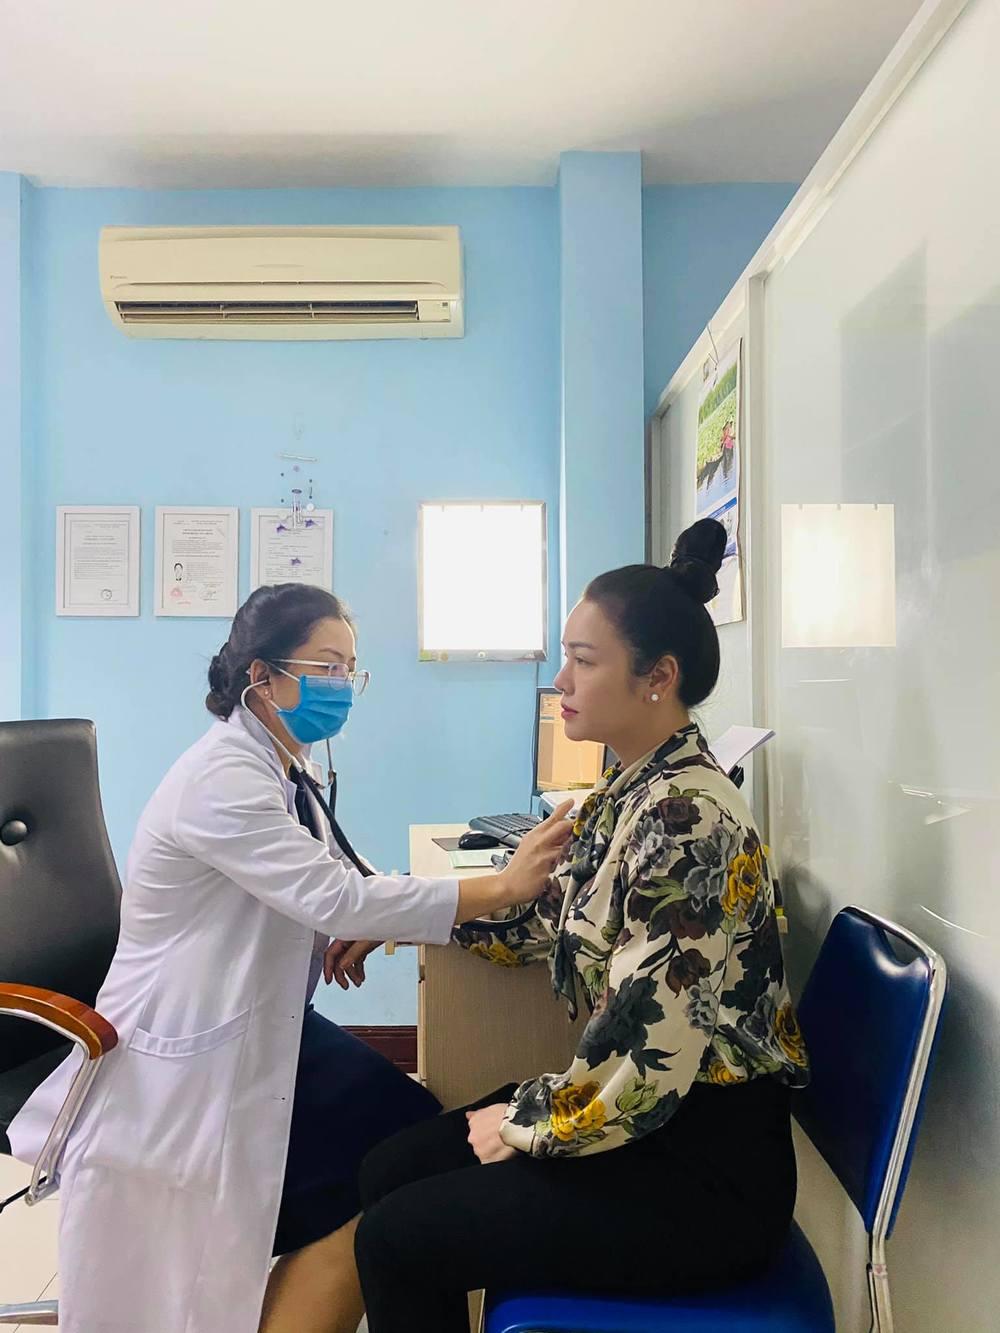 Dù biết ca phẫu thuật này sẽ ảnh hưởng đến giọng nói nhưng bắt buộc cần điều trị sớm nhất có thể. (Ảnh: FBNV) - Tin sao Viet - Tin tuc sao Viet - Scandal sao Viet - Tin tuc cua Sao - Tin cua Sao